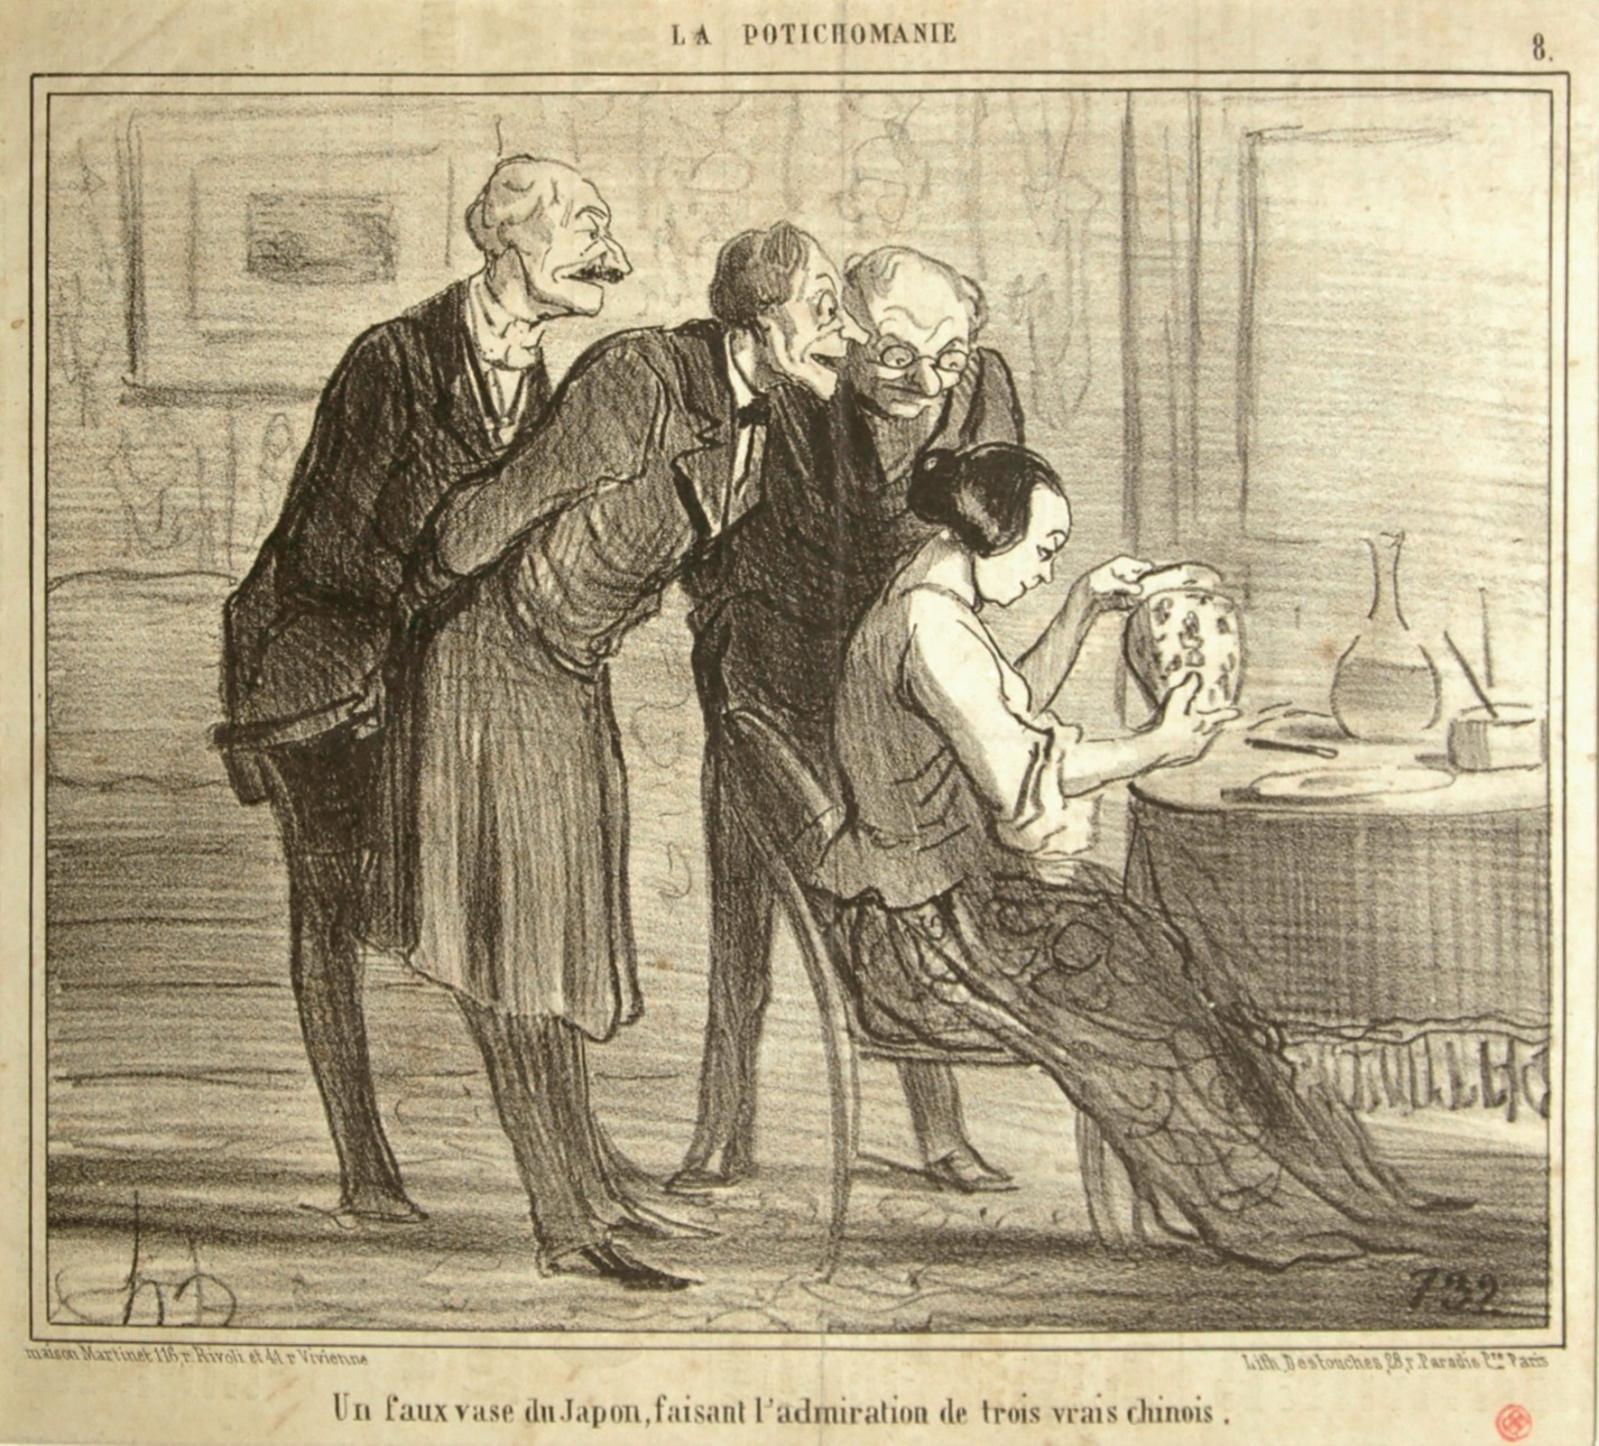 Honoré Daumier, Un faux vase du Japon, faisant l'admiration de trois vrais chinois, 10février 1855, lithographie.